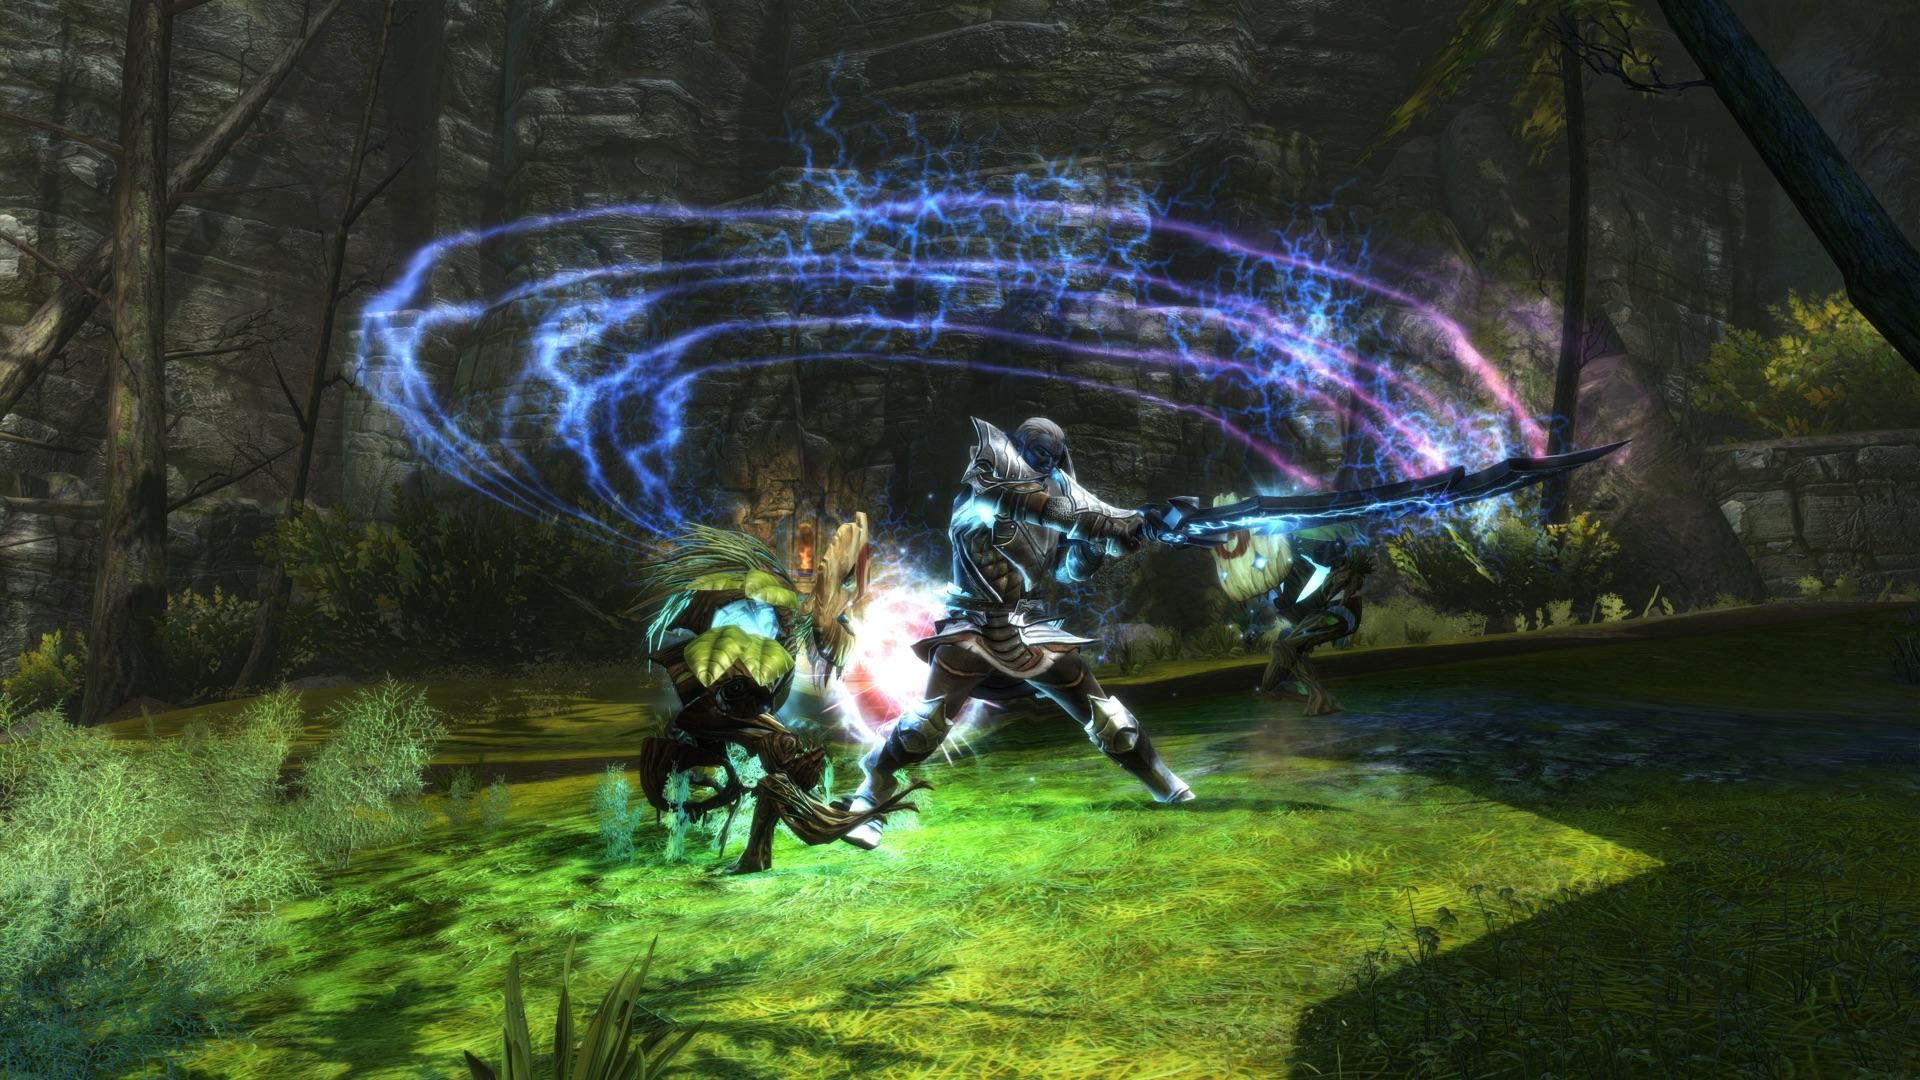 Screenshot From Kingdoms Of Amalur: Re-Reckoning